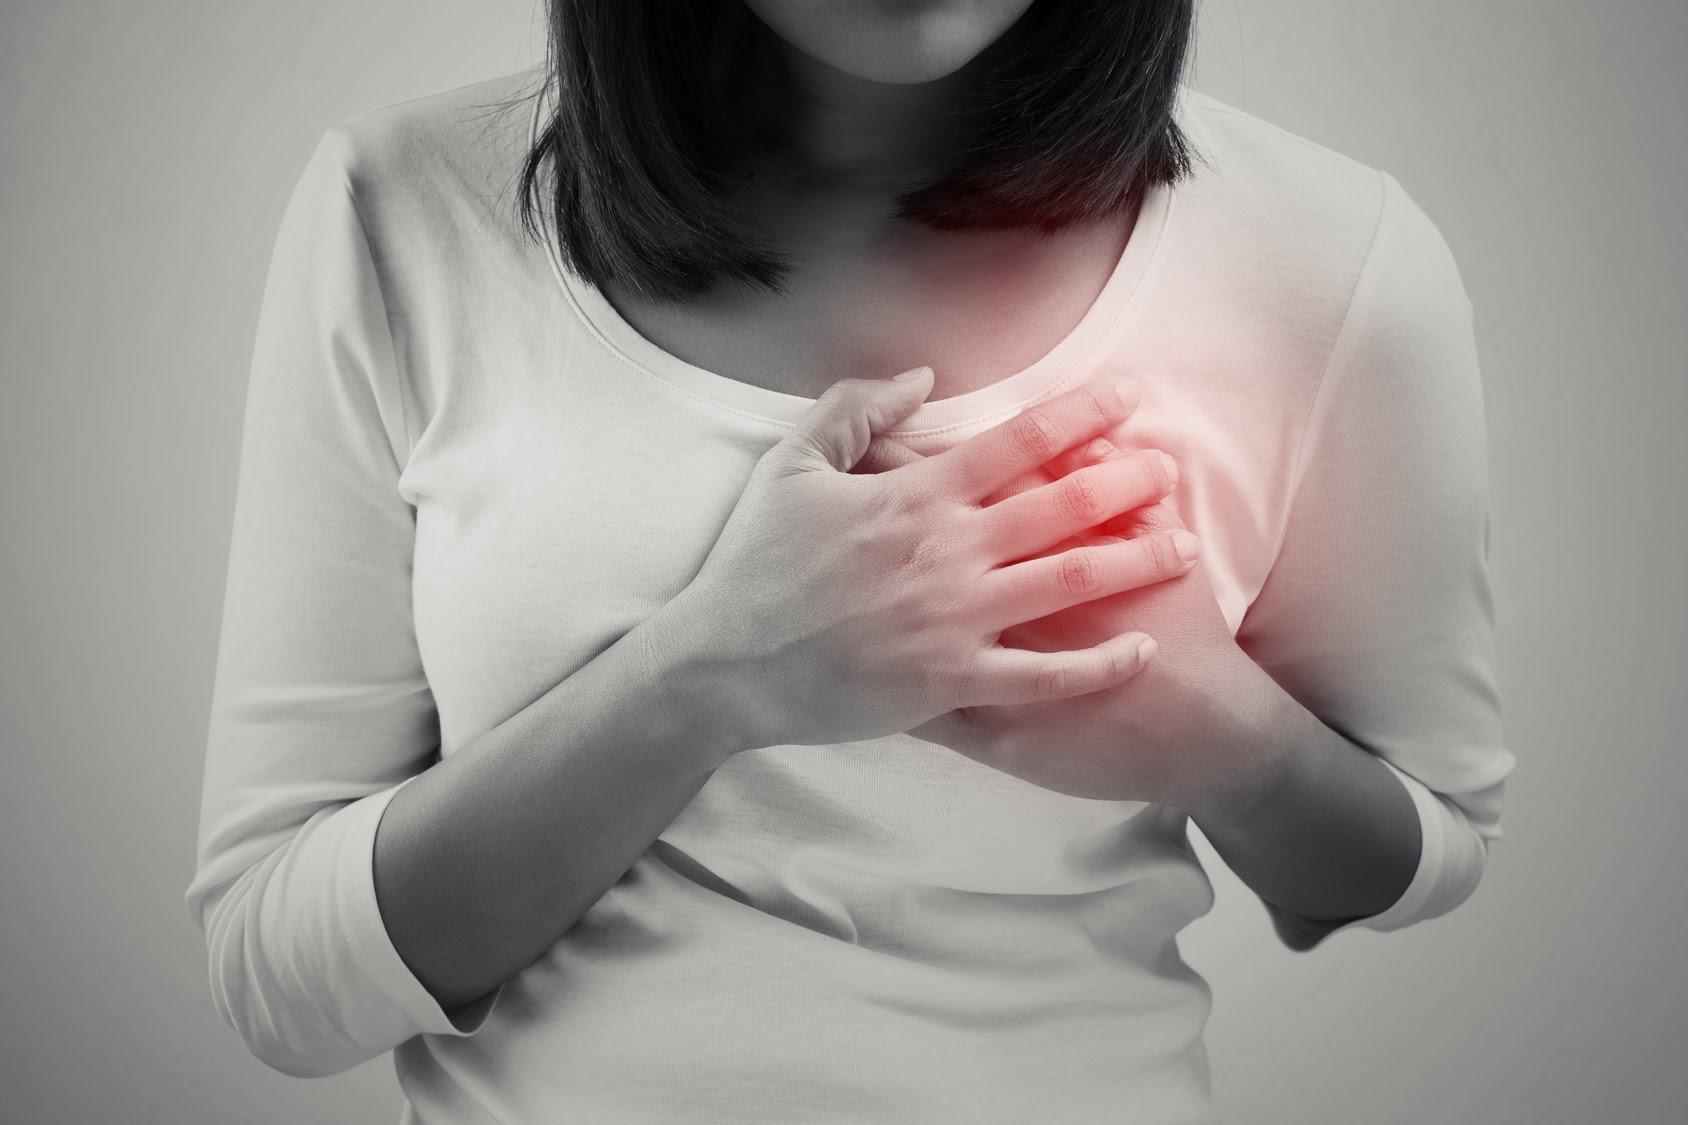 Головная боль в области лба и переносицы